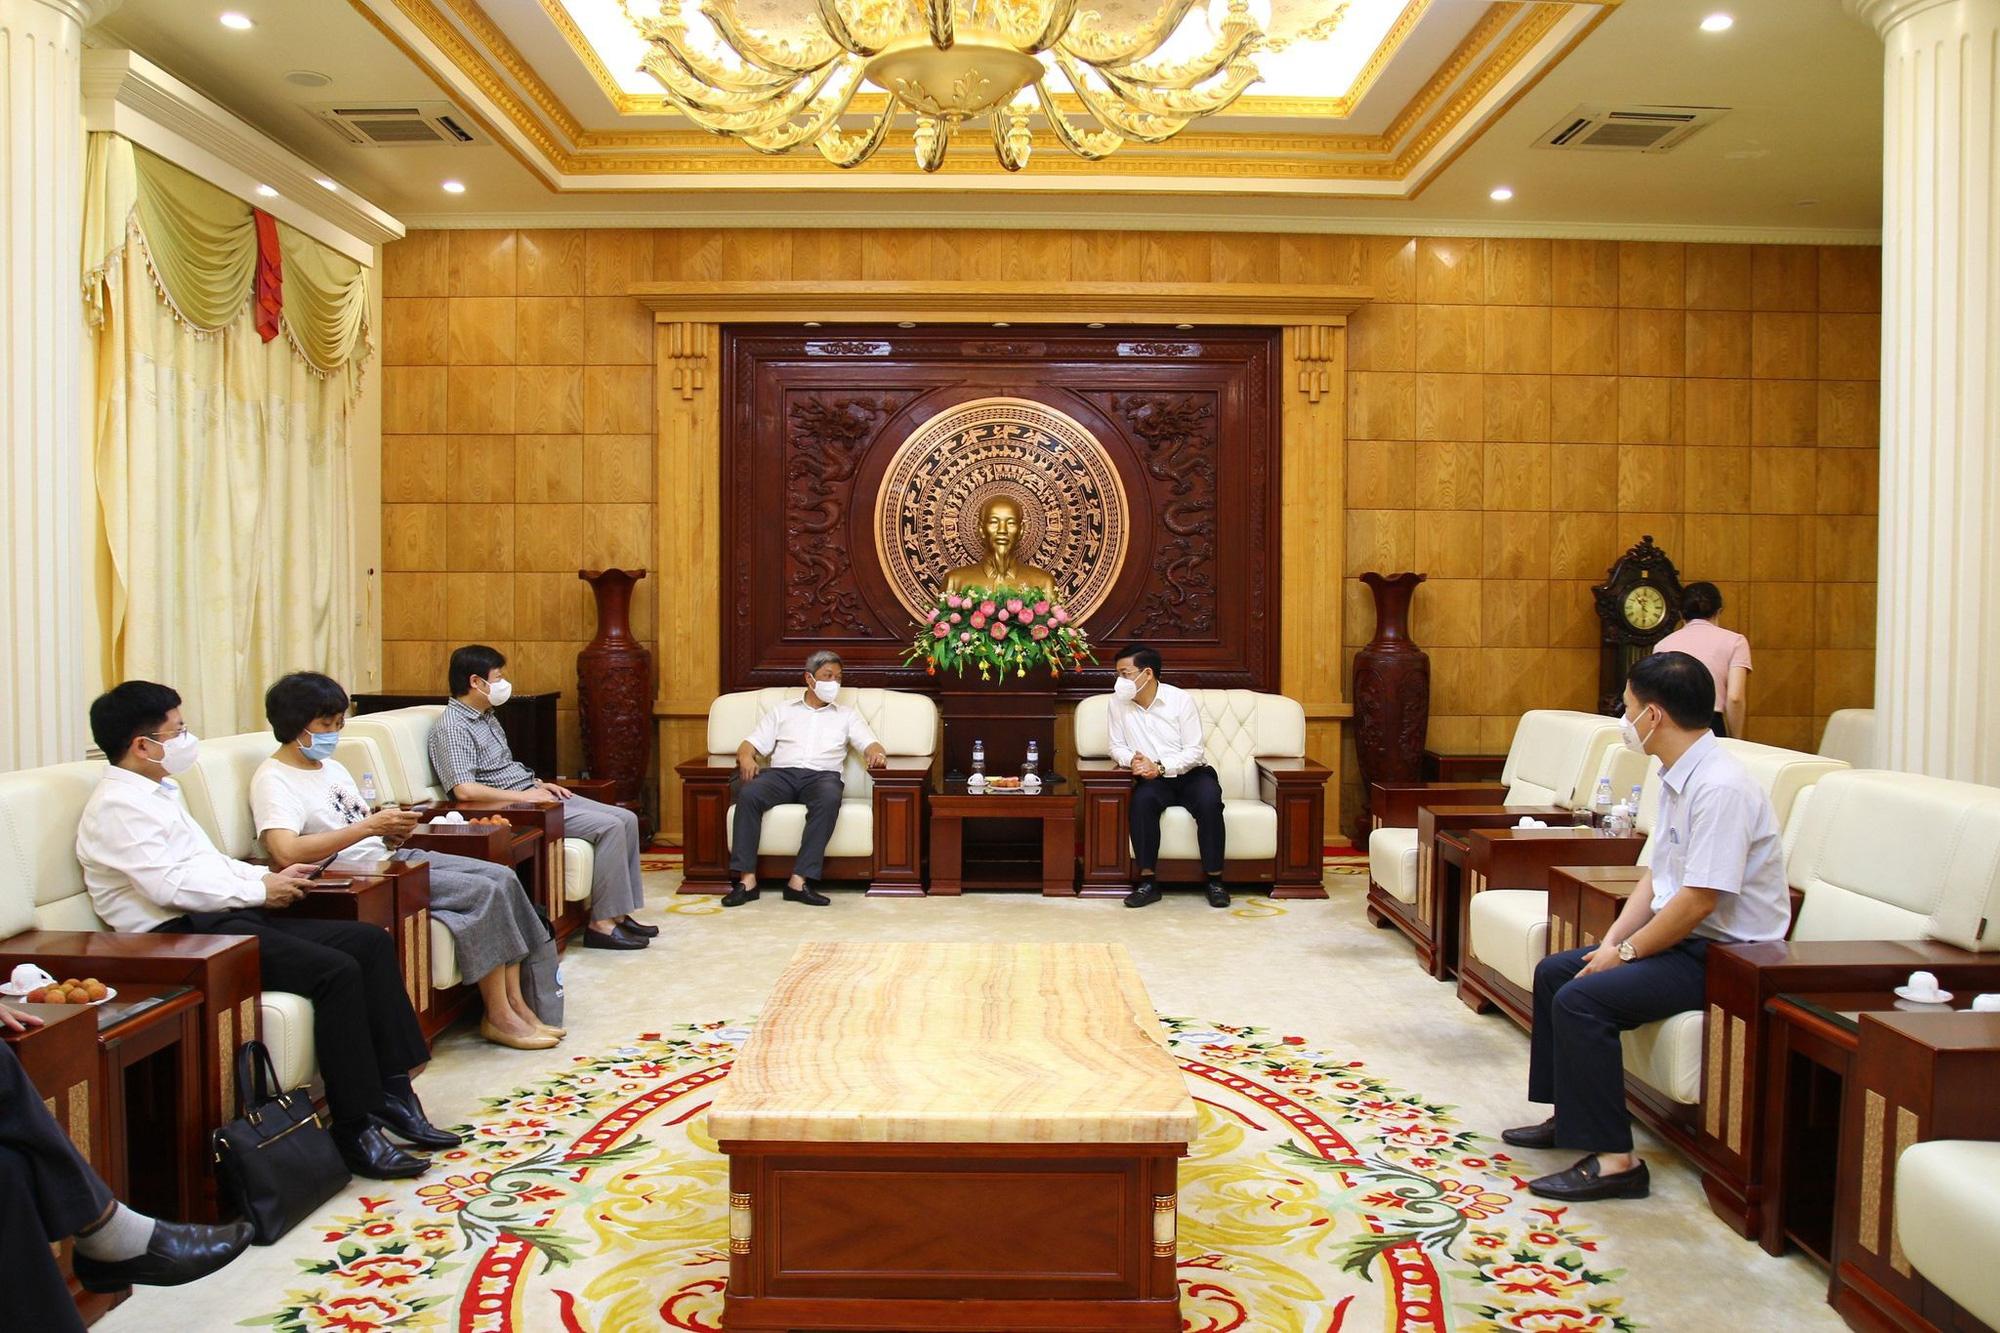 Bộ phận thường trực chống dịch của Bộ Y tế chuẩn bị rút khỏi Bắc Giang - Ảnh 1.